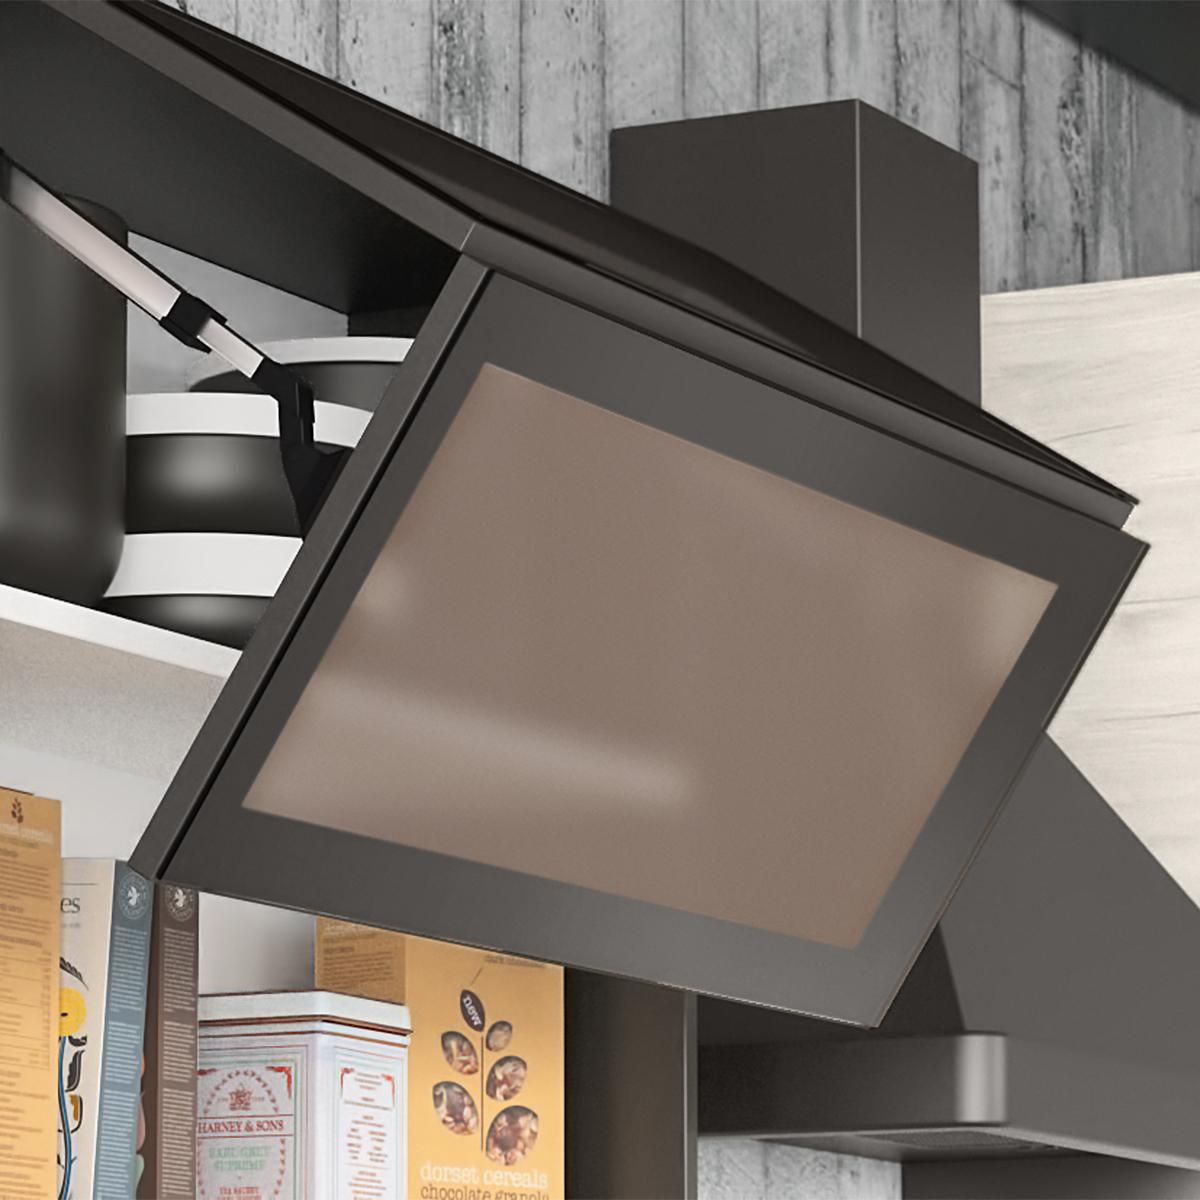 Armonia Delle Forme E Creatività. E' Una Cucina Tutta Da Scoprire #A16D2A 1200 1200 Programma Per Progettare Una Cucina Componibile